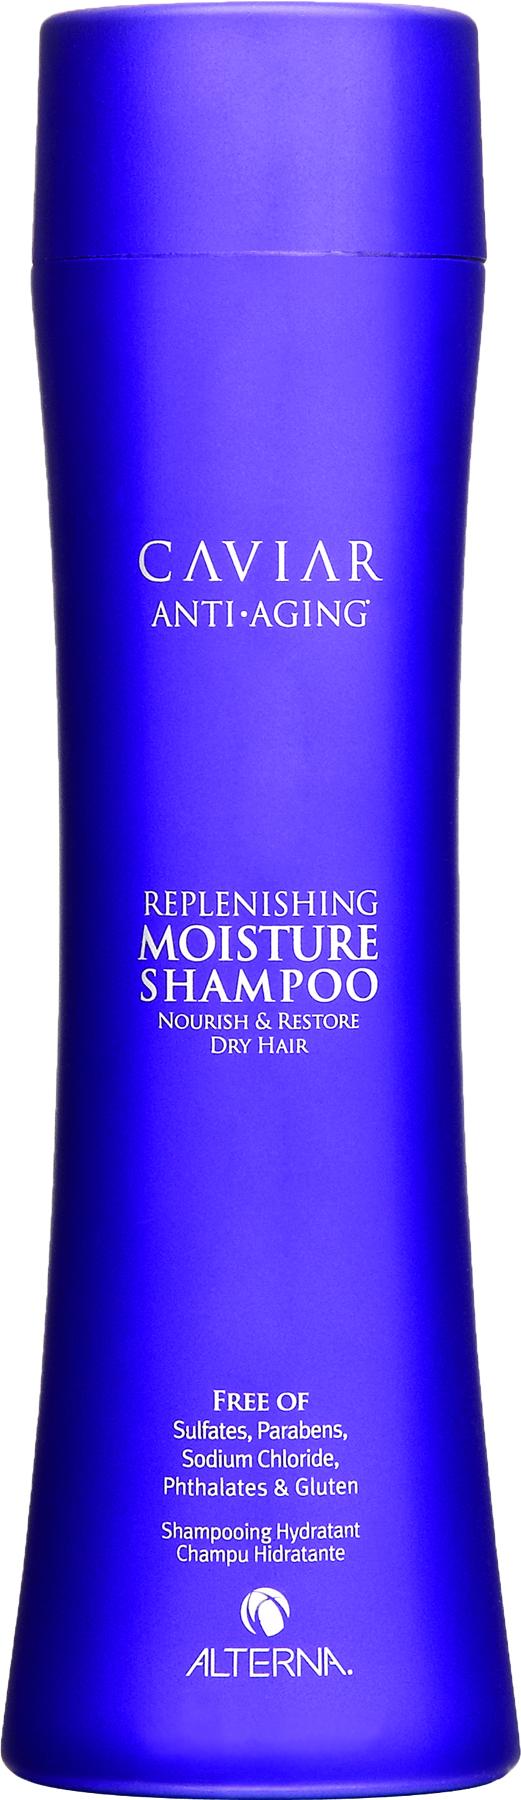 ALTERNA Шампунь увлажняющий с морским шелком / CAVIAR 250млШампуни<br>Активный шампунь на основе запатентованной формулы Caviar anti-aging seasilk  способствует мягкому очищению и насыщению волос влагой. Улучшает метаболические процессы эпидермиса, питает, увлажняет волосяные фолликулы, повышая защитную функцию кожи головы. Возвращает волосам насыщенный блеск, защищает и сохраняет стойкость цвета. При этом регулирует и поддерживает оптимальный уровень влаги. Активные ингредиенты: энзимотерапевтический комплекс , Age-Control Complex   комплекс против старения волос , комплекс фиксации цвета , Seasilk / Морской шелк, активные питательные вещества (коктейль из экстракта черной икры, морских водорослей, антиоксидантов, микро- и макроэлементов). Способ применения: нанесите Увлажняющий шампунь с морским шелком на влажные волосы, вспеньте. Выдержите пену на волосах 3 5 минут. Тщательно смойте водой, при необходимости повторите. Для лучшего результата используйте Увлажняющий кондиционер с морским шелком.<br><br>Вид средства для волос: Увлажняющий<br>Типы волос: Возрастные